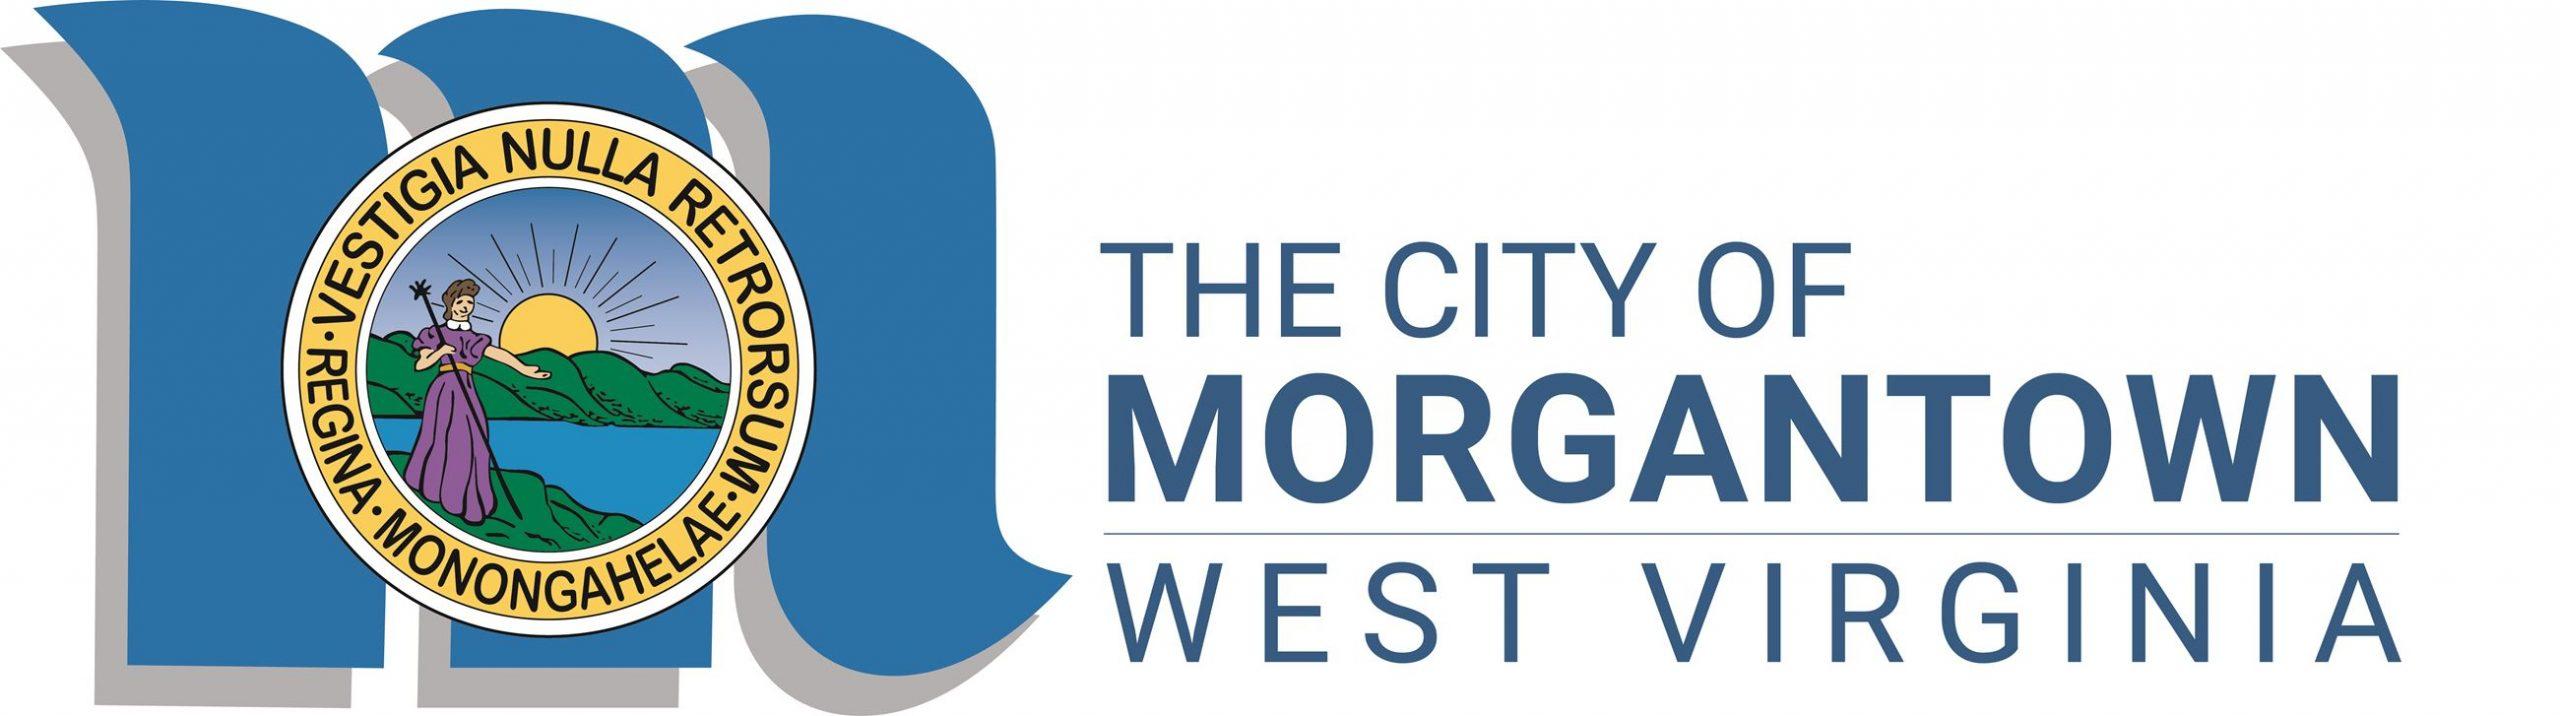 CityOfMorgantown